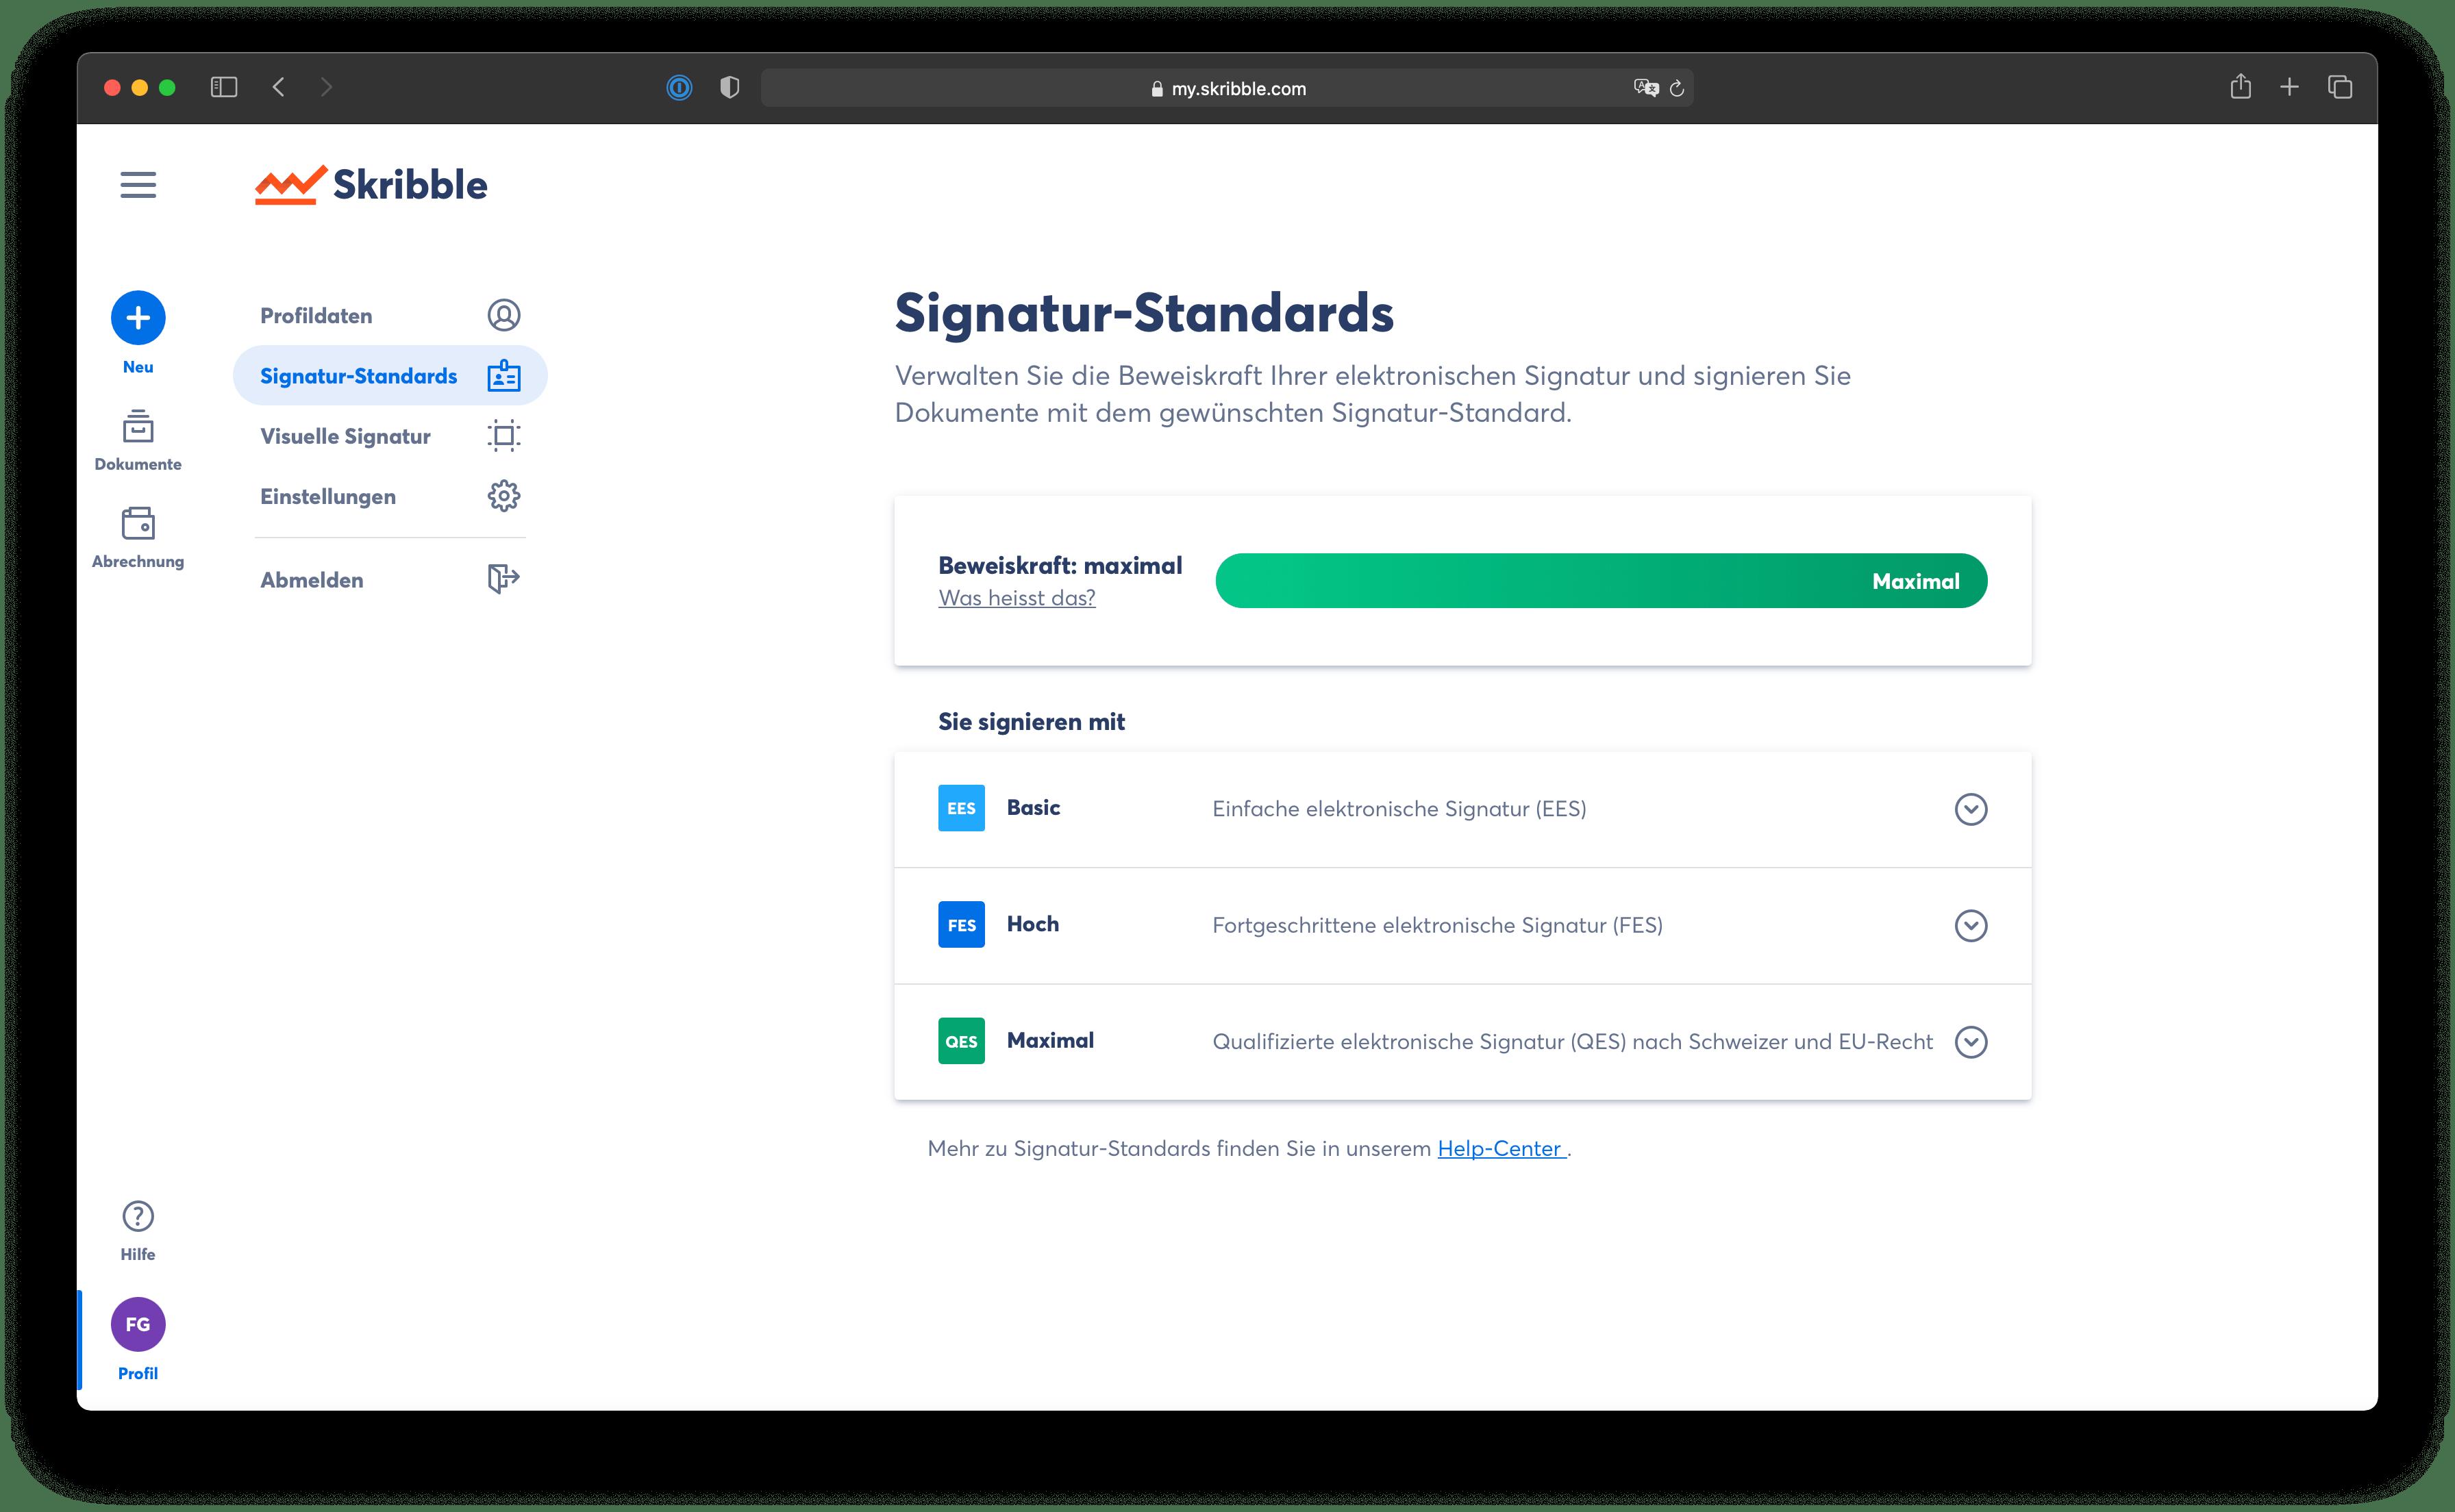 Das persönliche Zertifikat einer QES bestätigt die Verbindung der elektronischen Signatur mit einer natürlichen Person und generiert so die maximale Sicherheit und Beweiskraft (Quelle: Skribble).